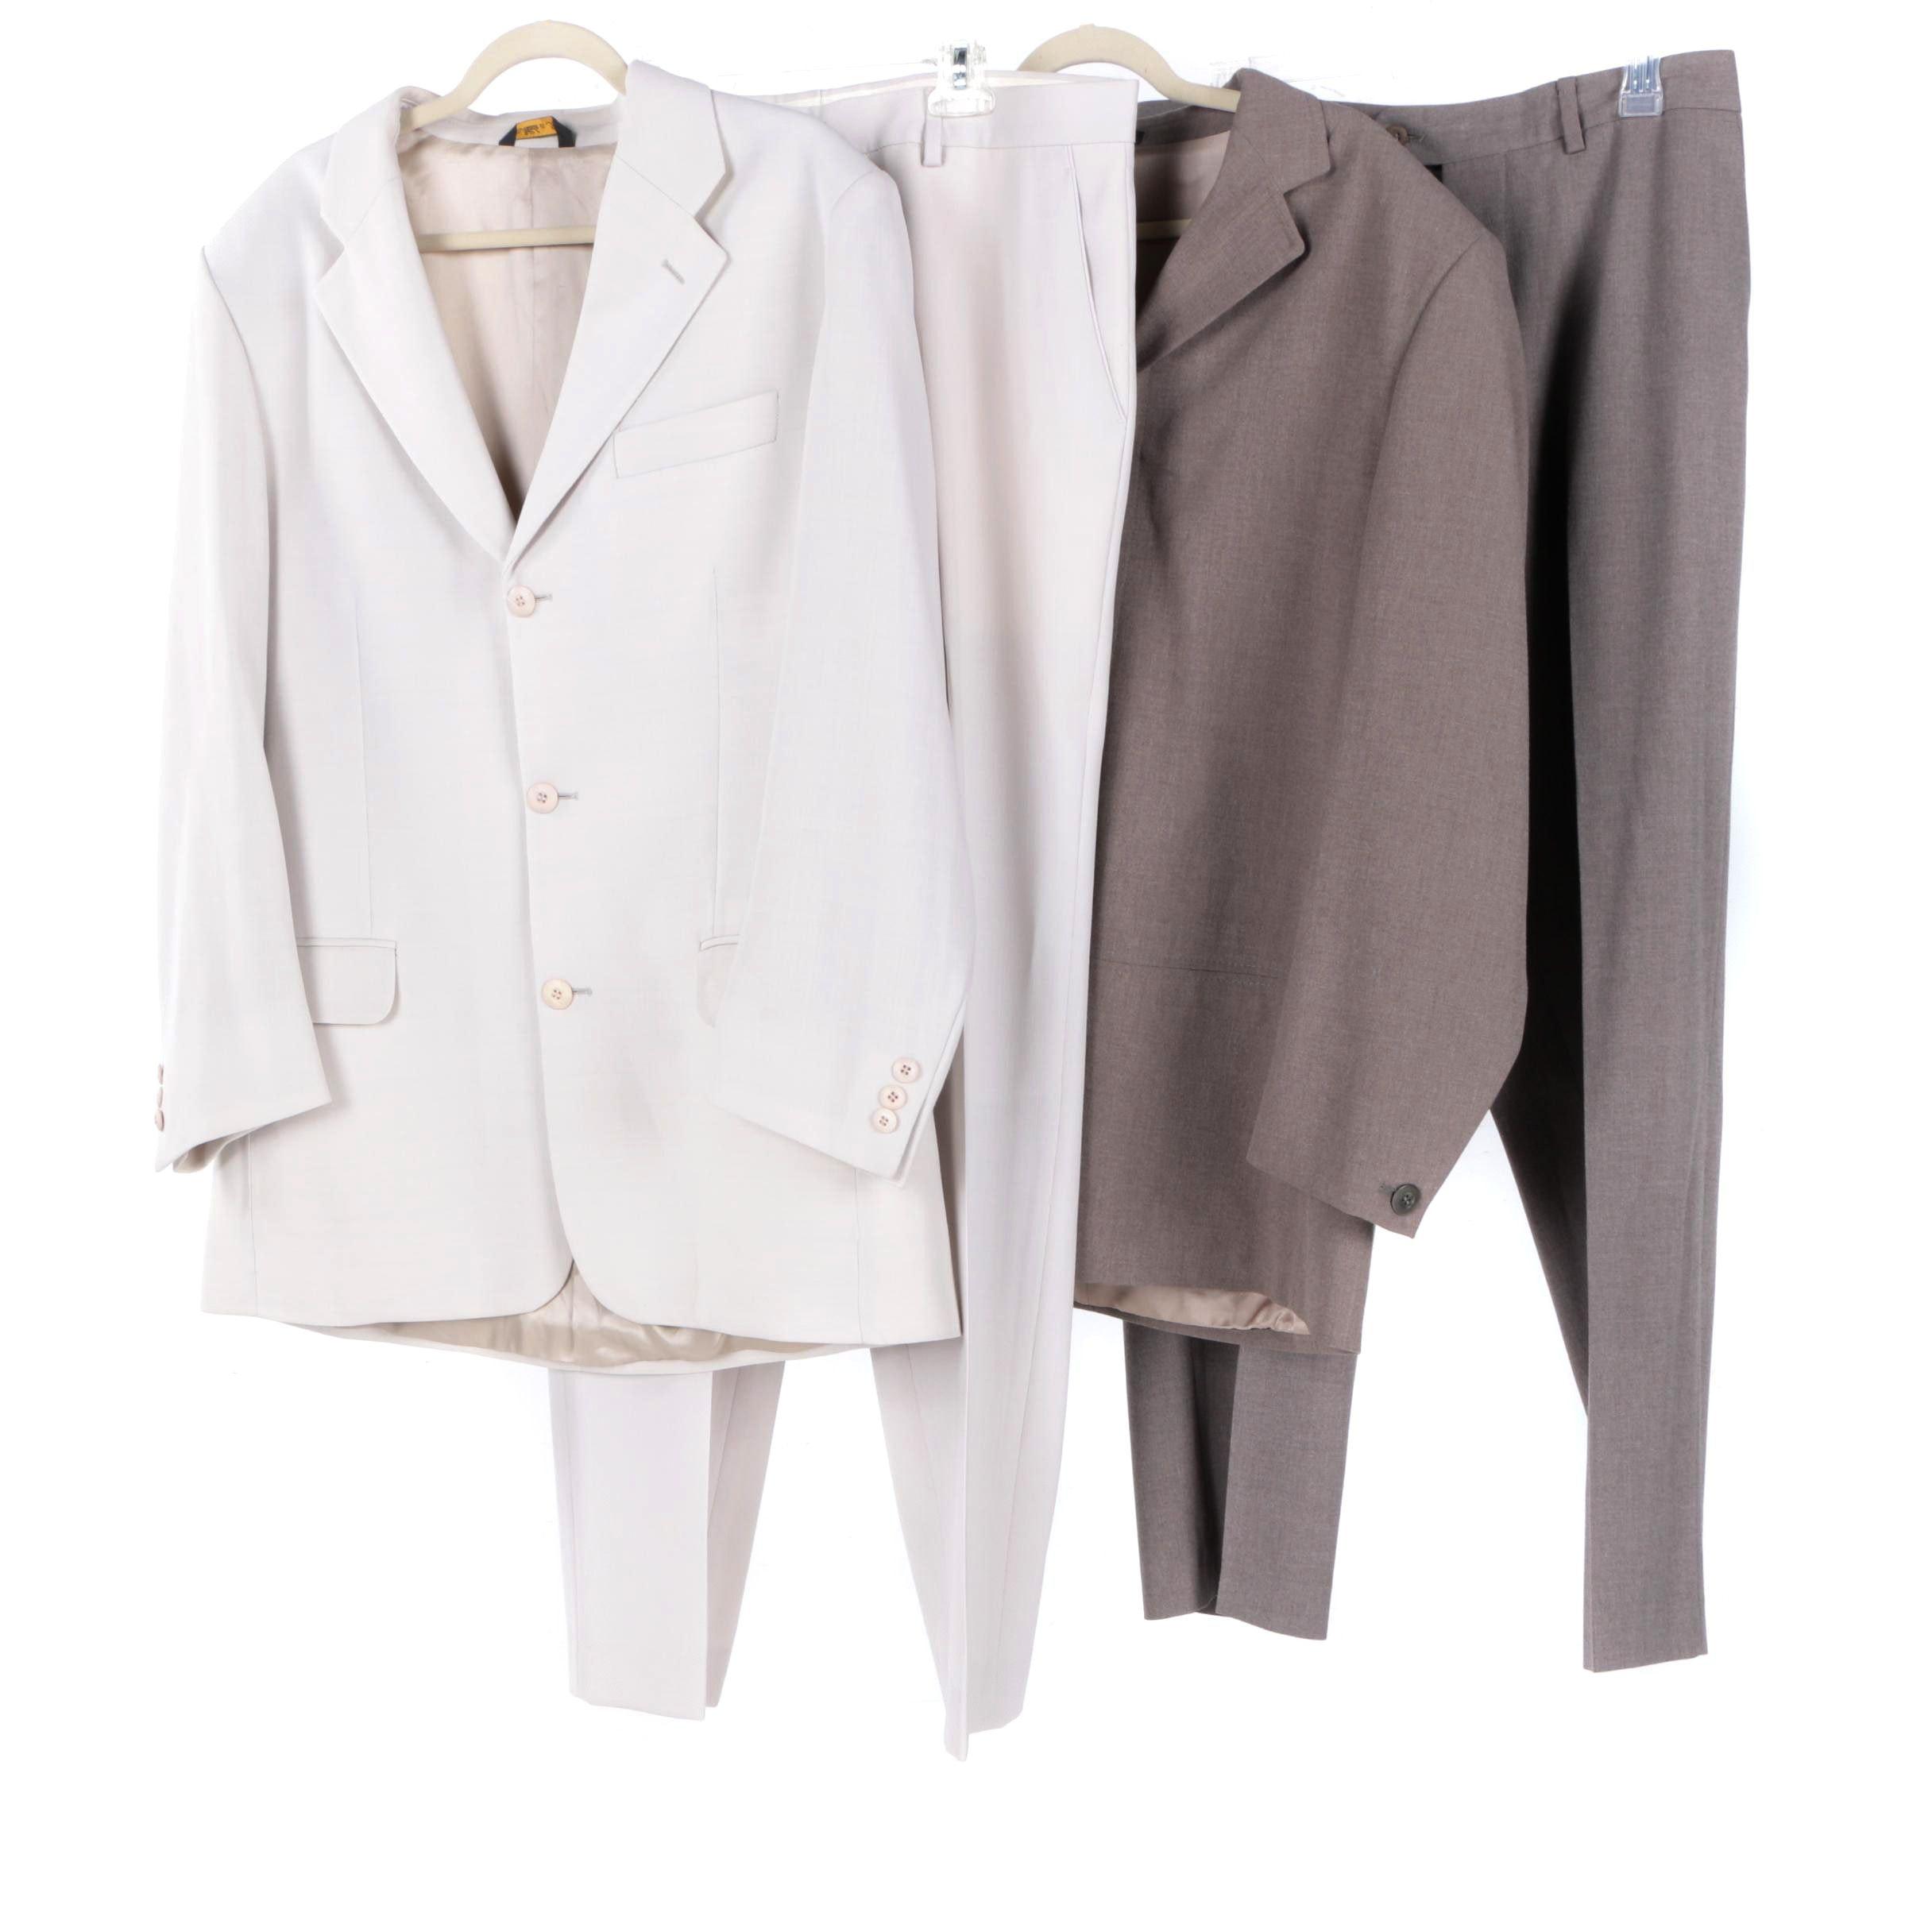 Men's Bachrach Suits